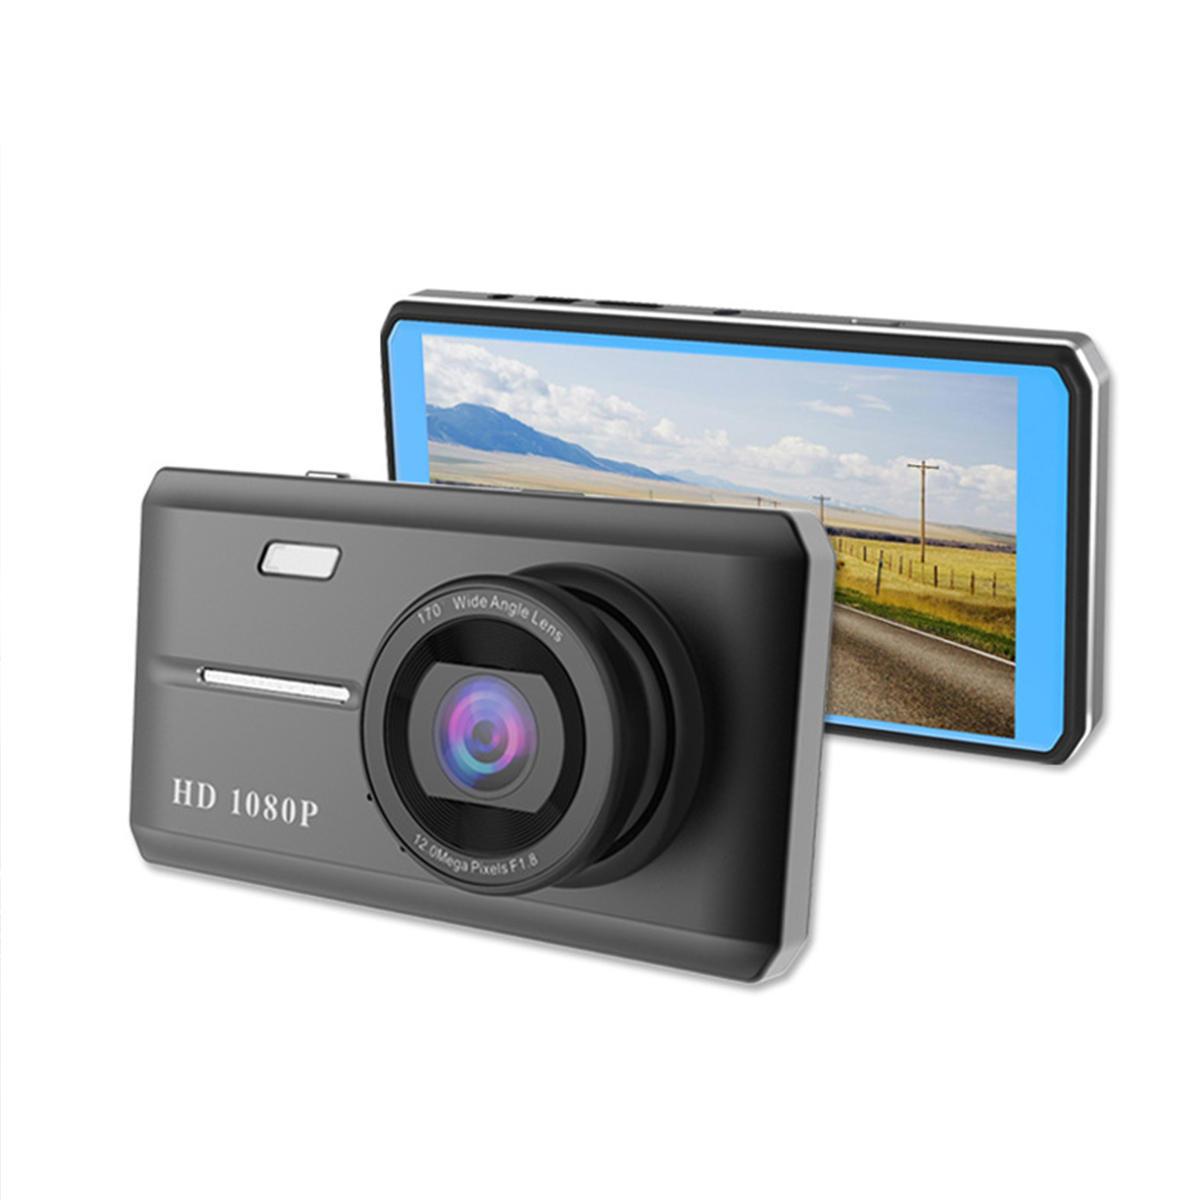 HK108 टच 4.5 इंच 1080P रियर कैमरा के साथ डुअल लेंस कार डीवीआर